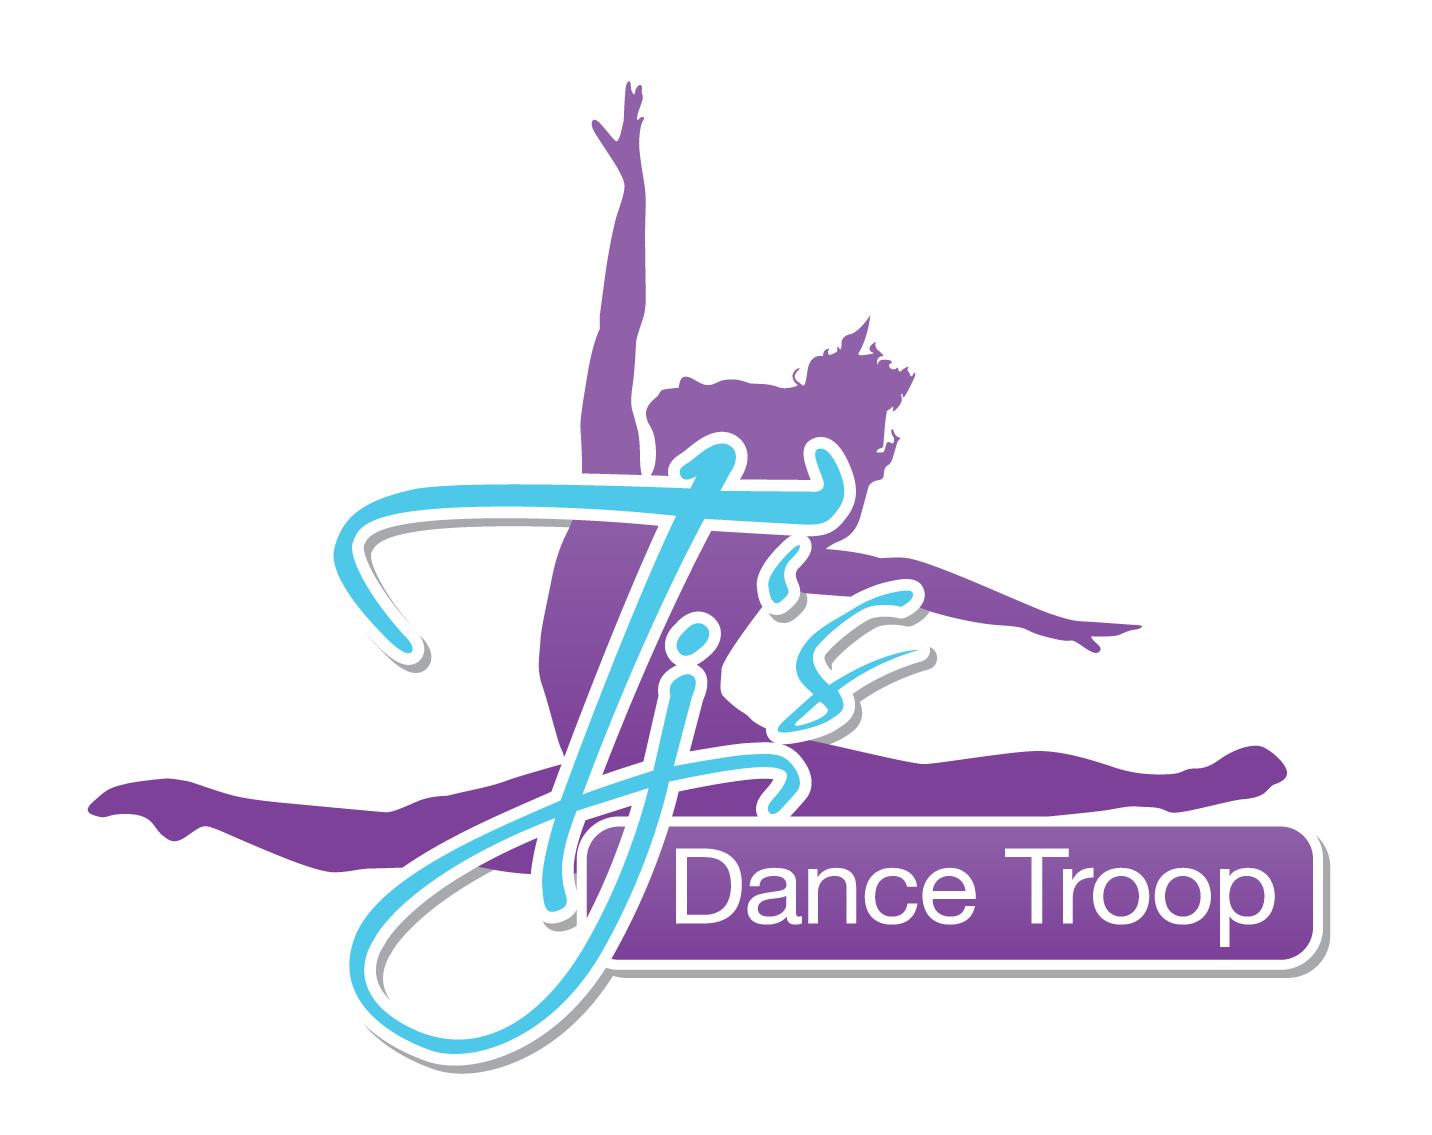 TJ's Dance Troop